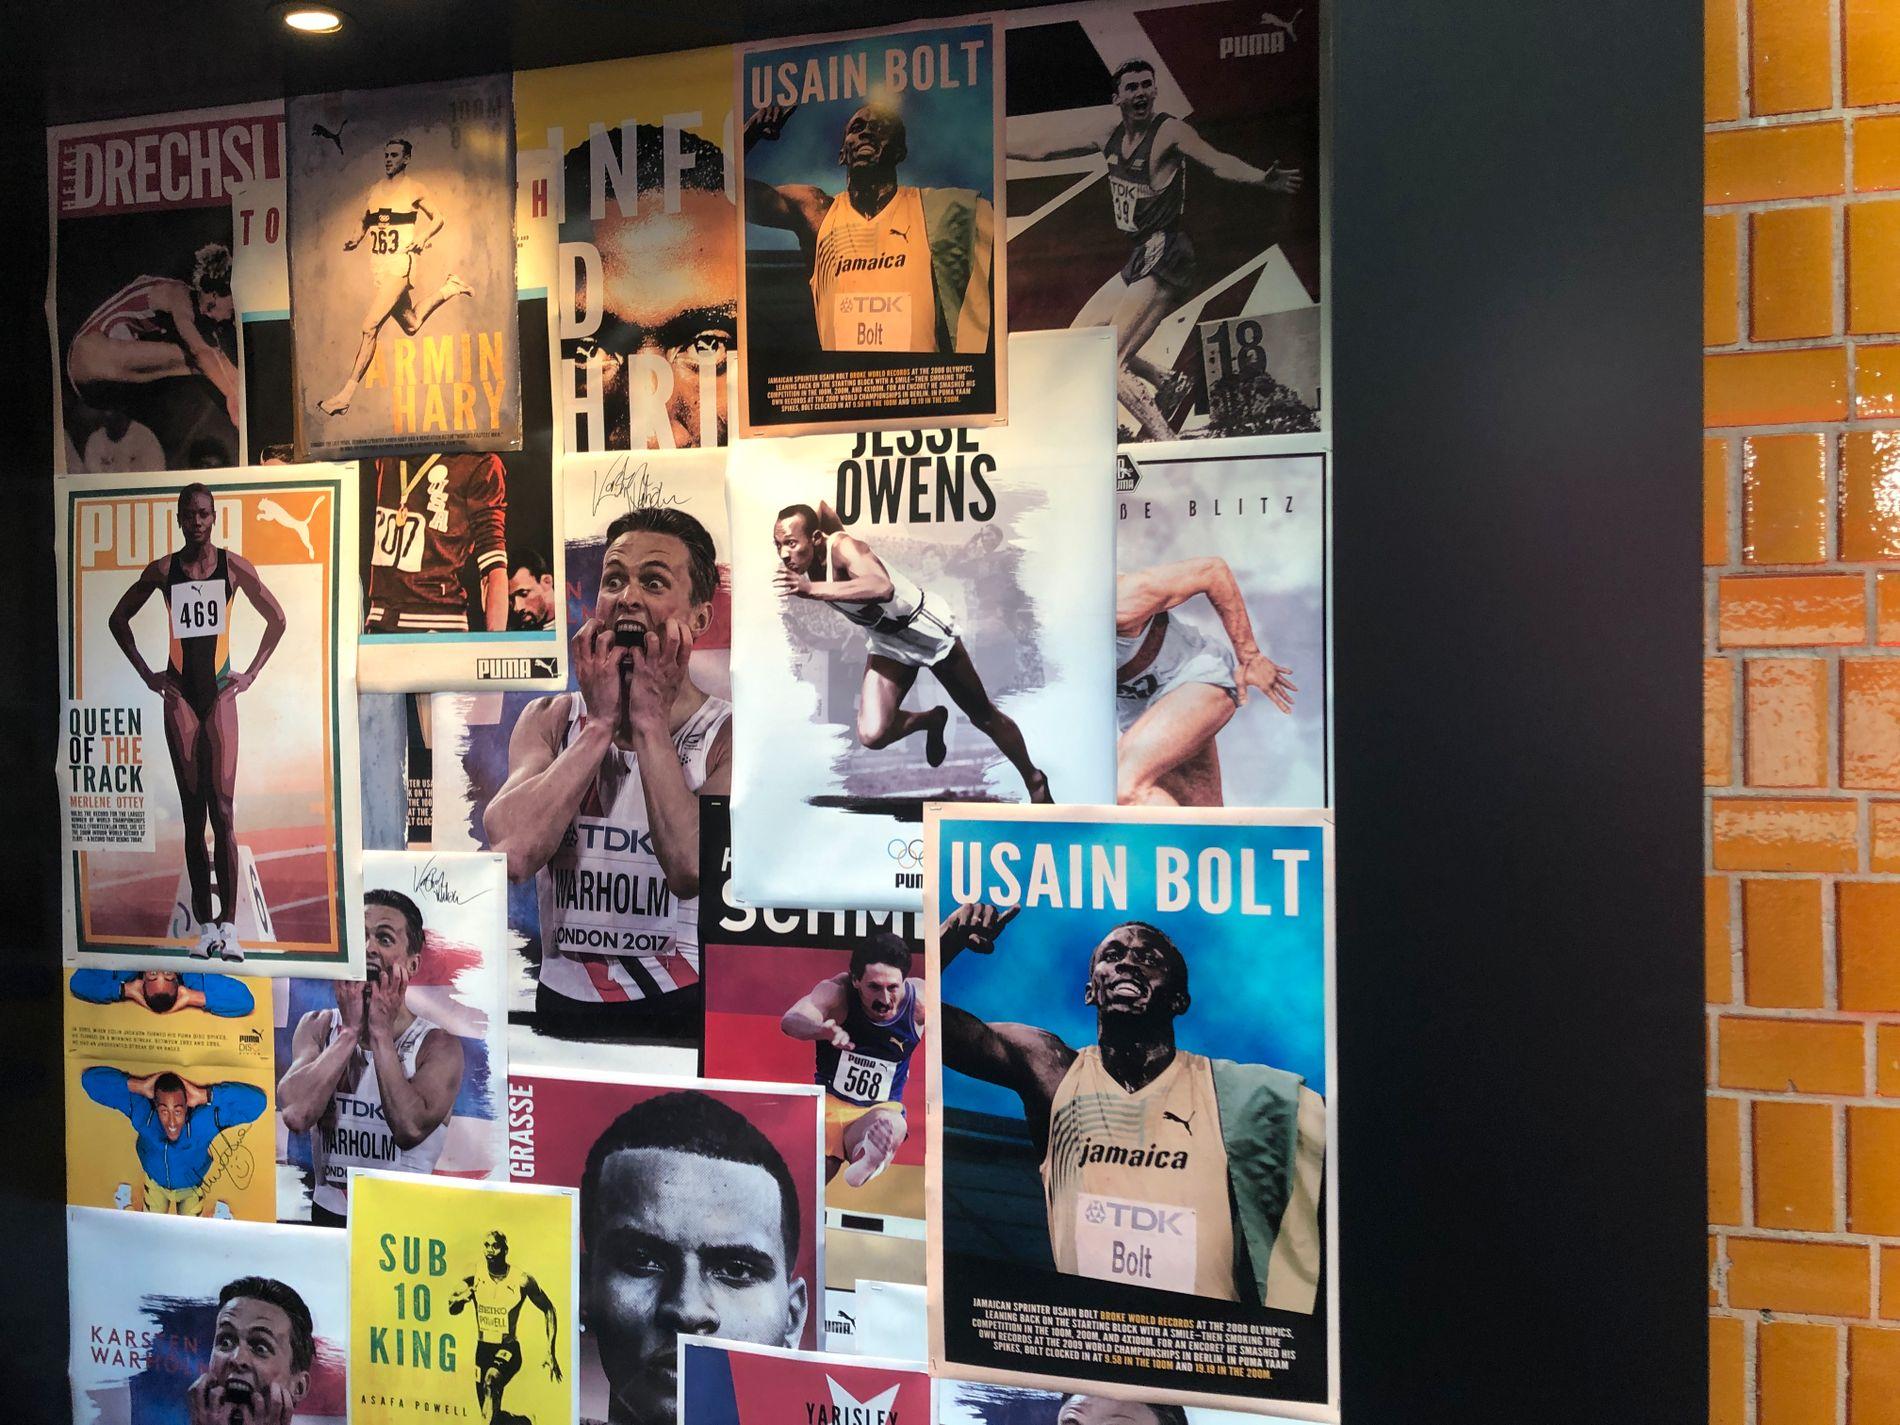 Nå deler Karsten Warholm samme sponsorplakat som verdensstjernen Usain Bolt.